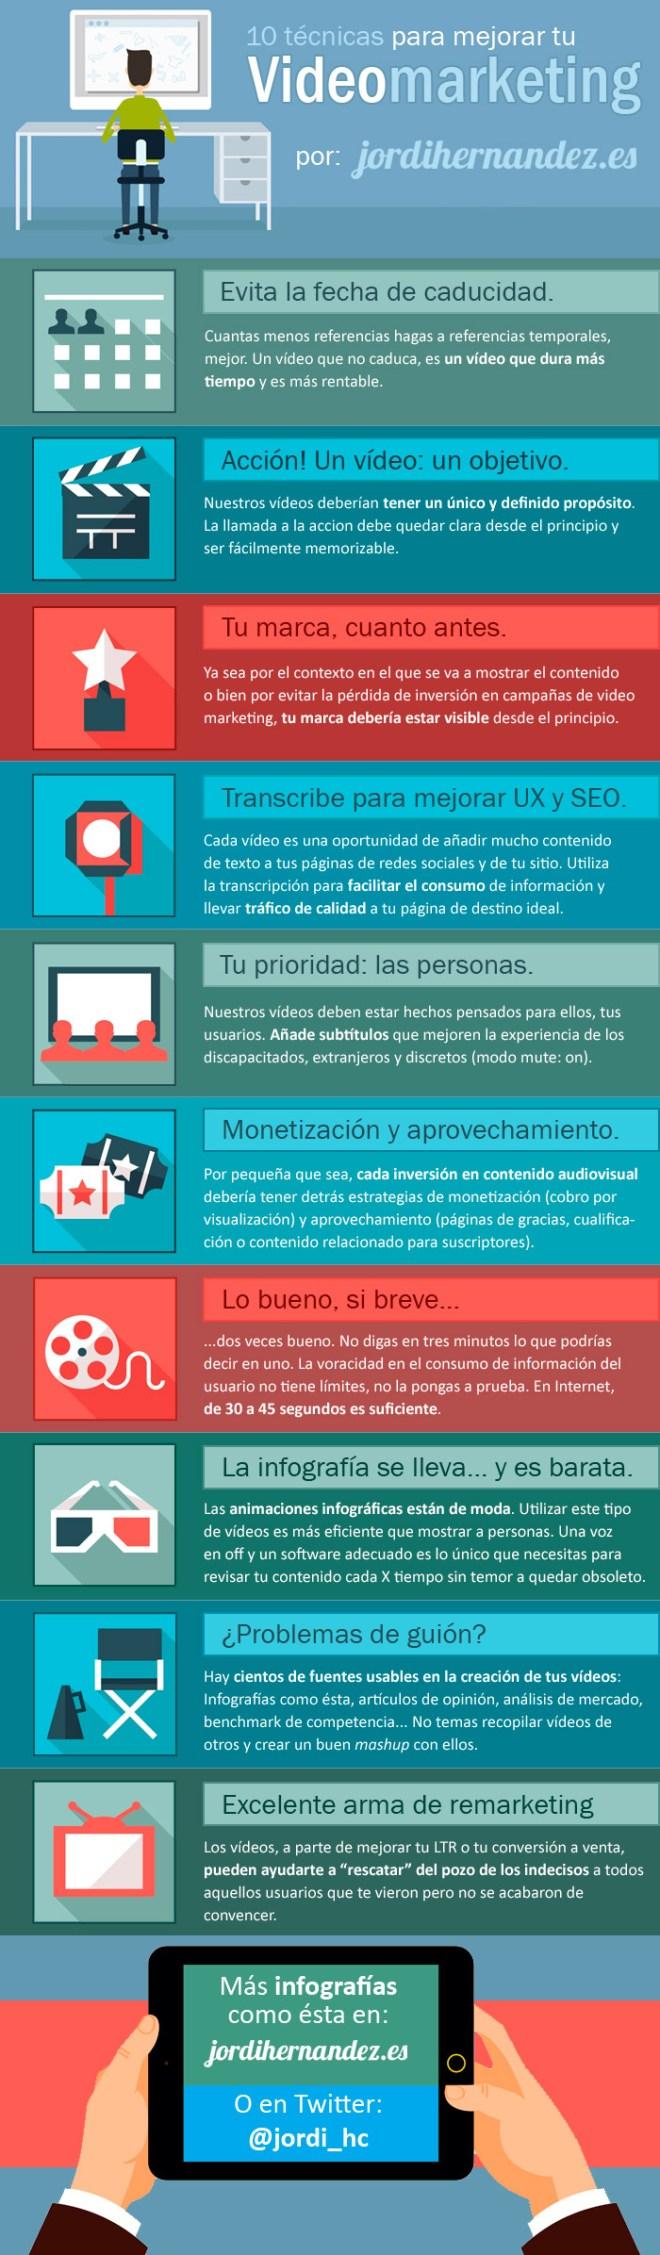 10 formas de optimizar tus campañas de vídeo marketing